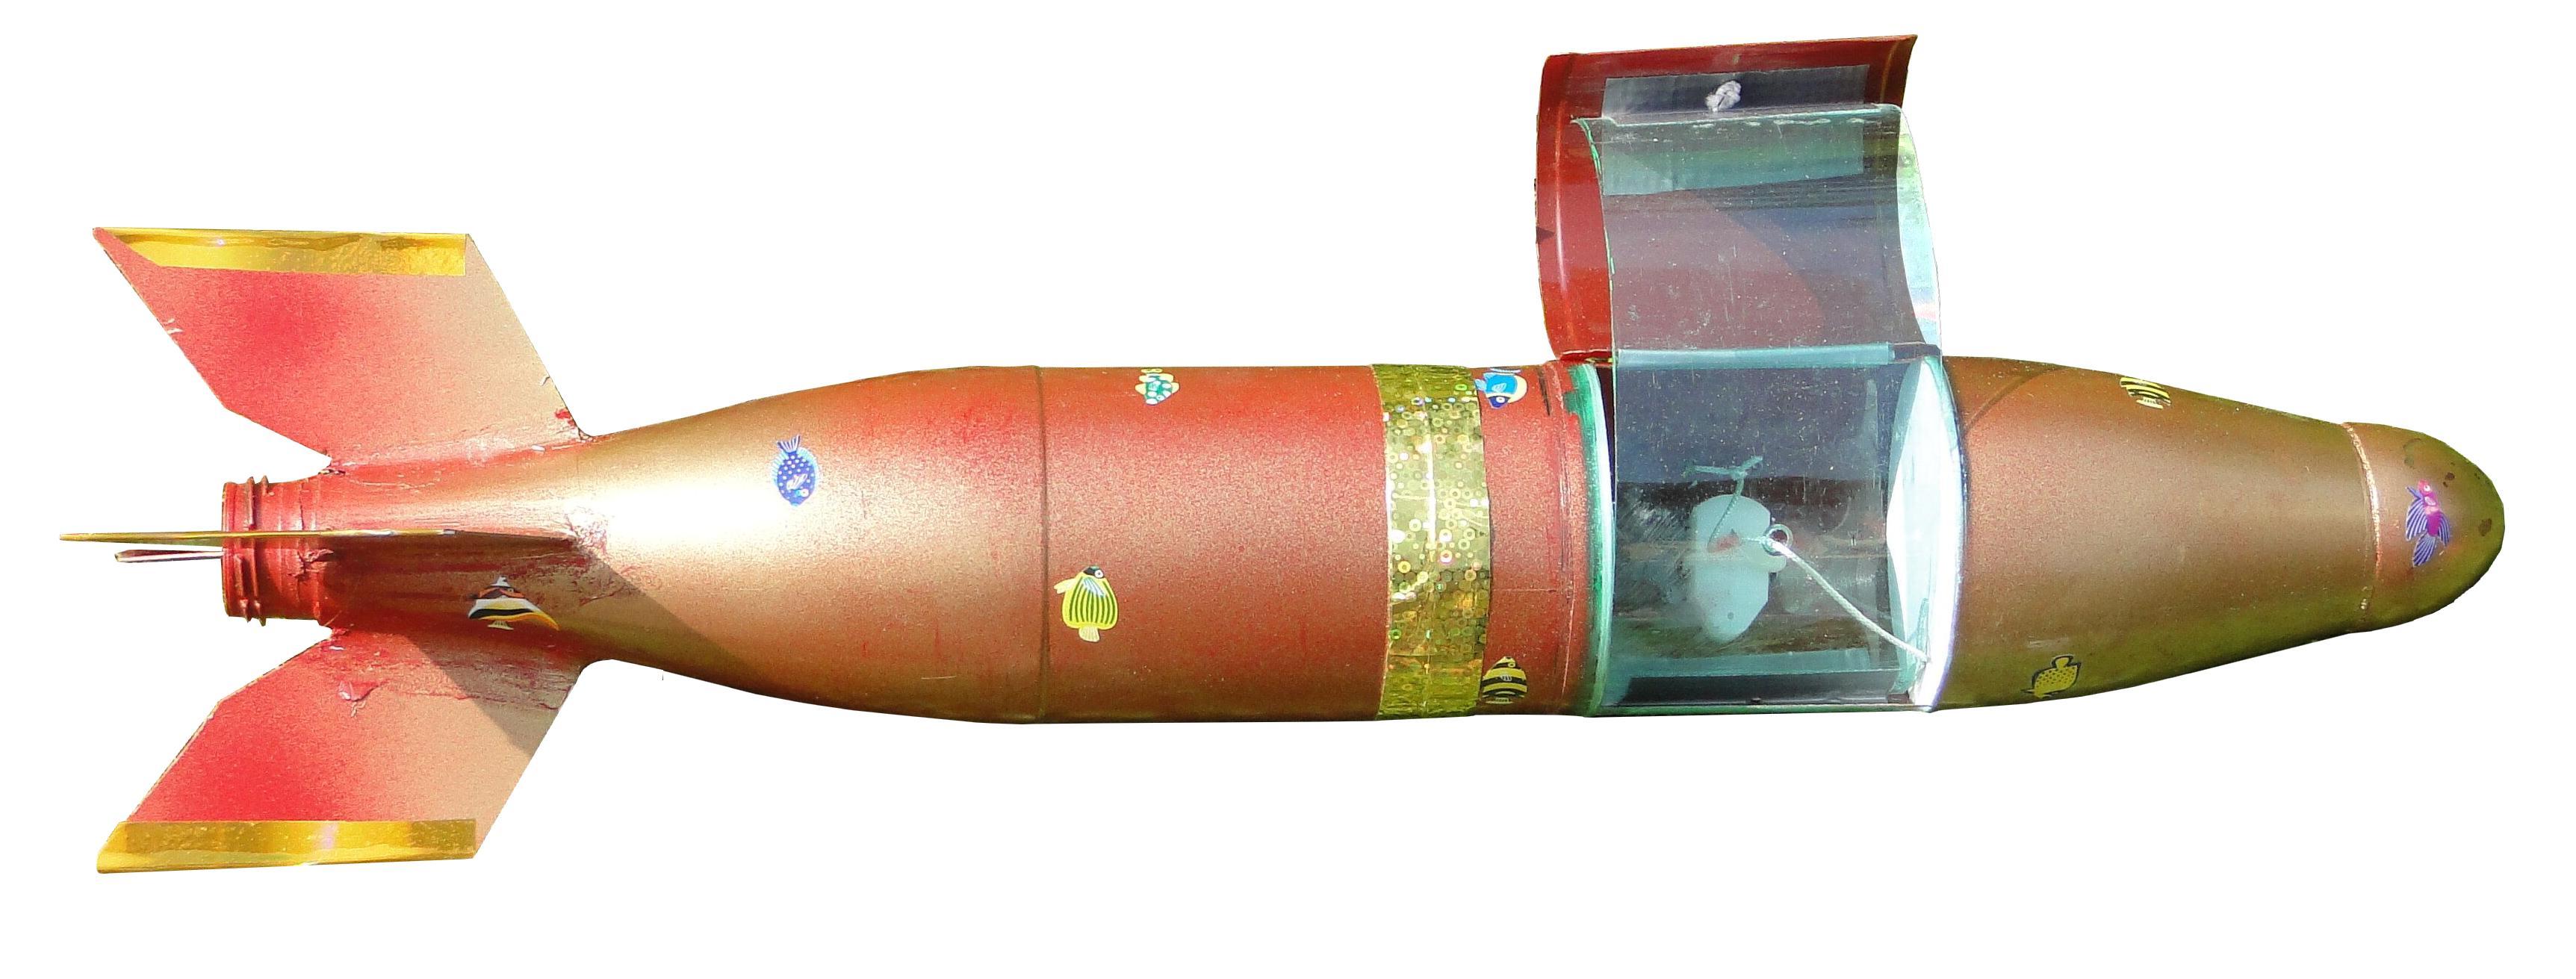 La fusée MiniJab de PapyJo détourée